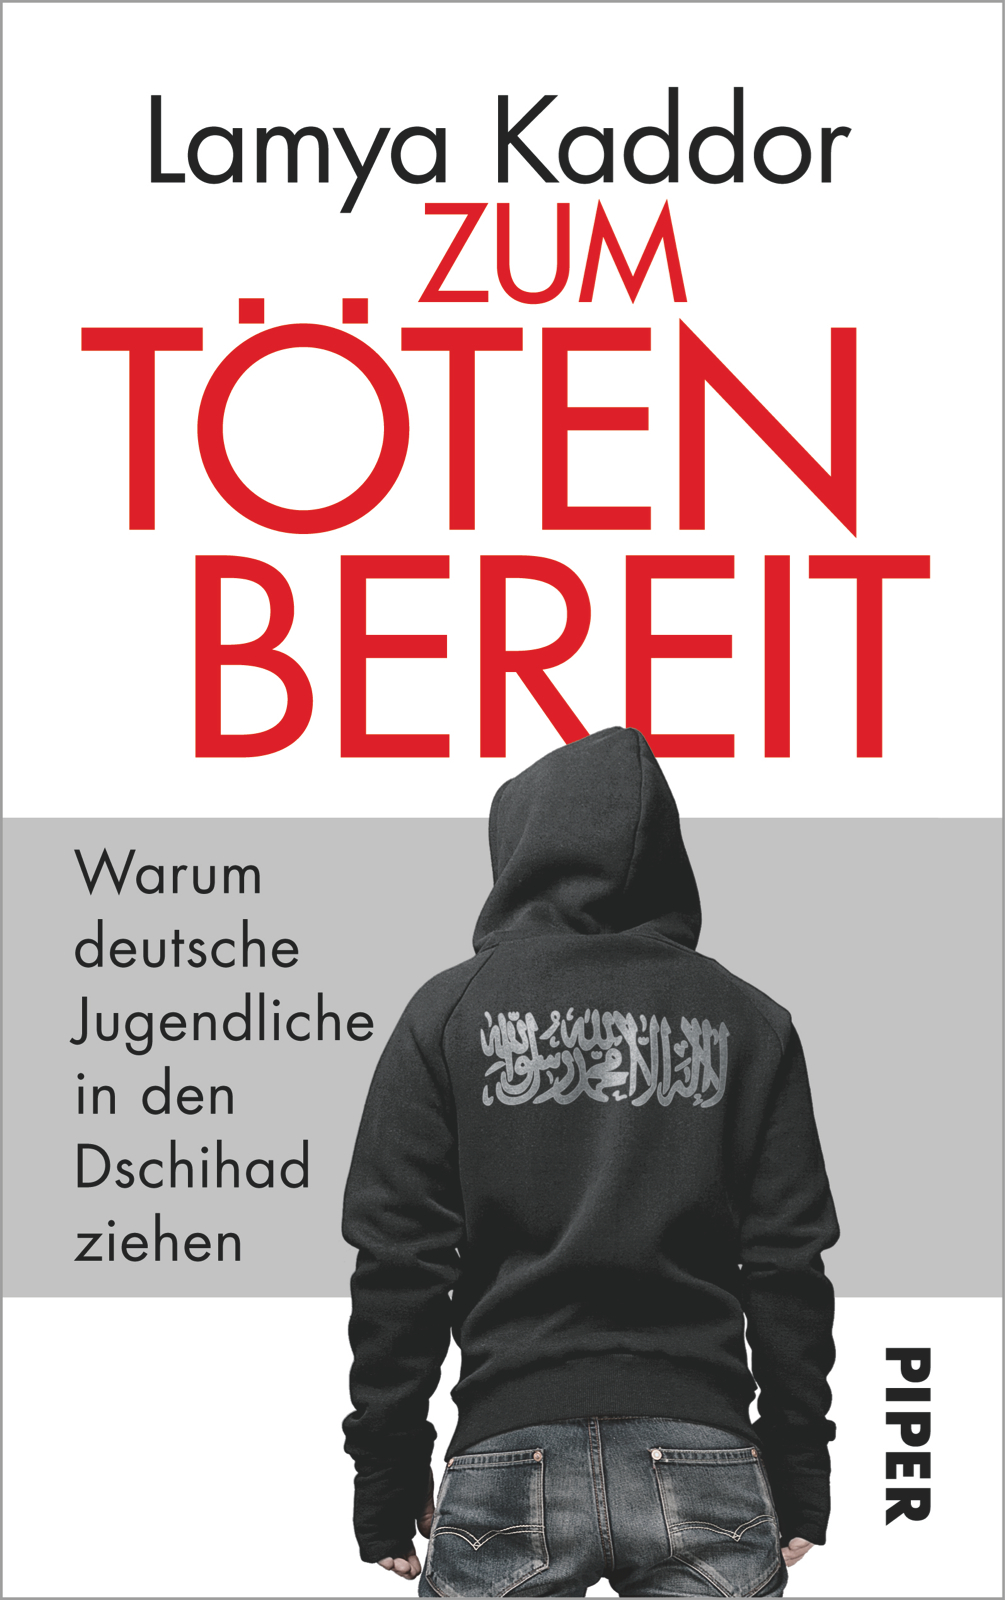 Lamya Kaddor: Zum Töten bereit. Warum deutsche Jugendliche in den Dschihad ziehen. Piper Verlag 2015, 256 s.